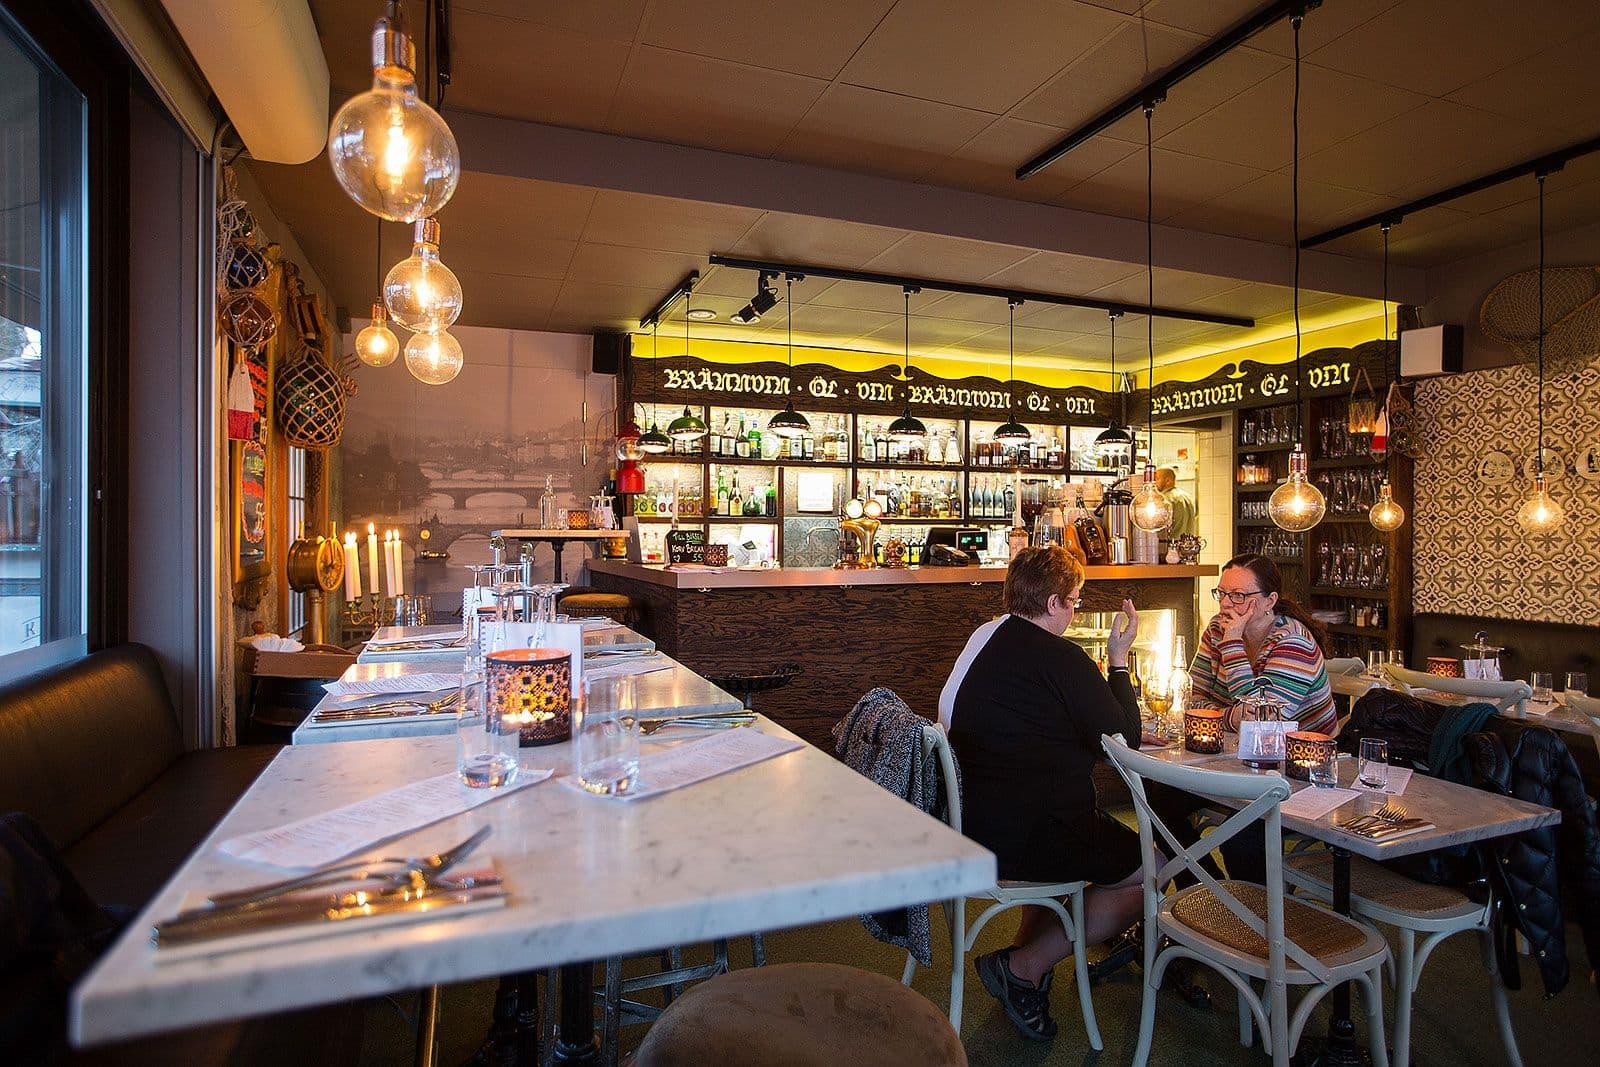 Restaurang Söderort